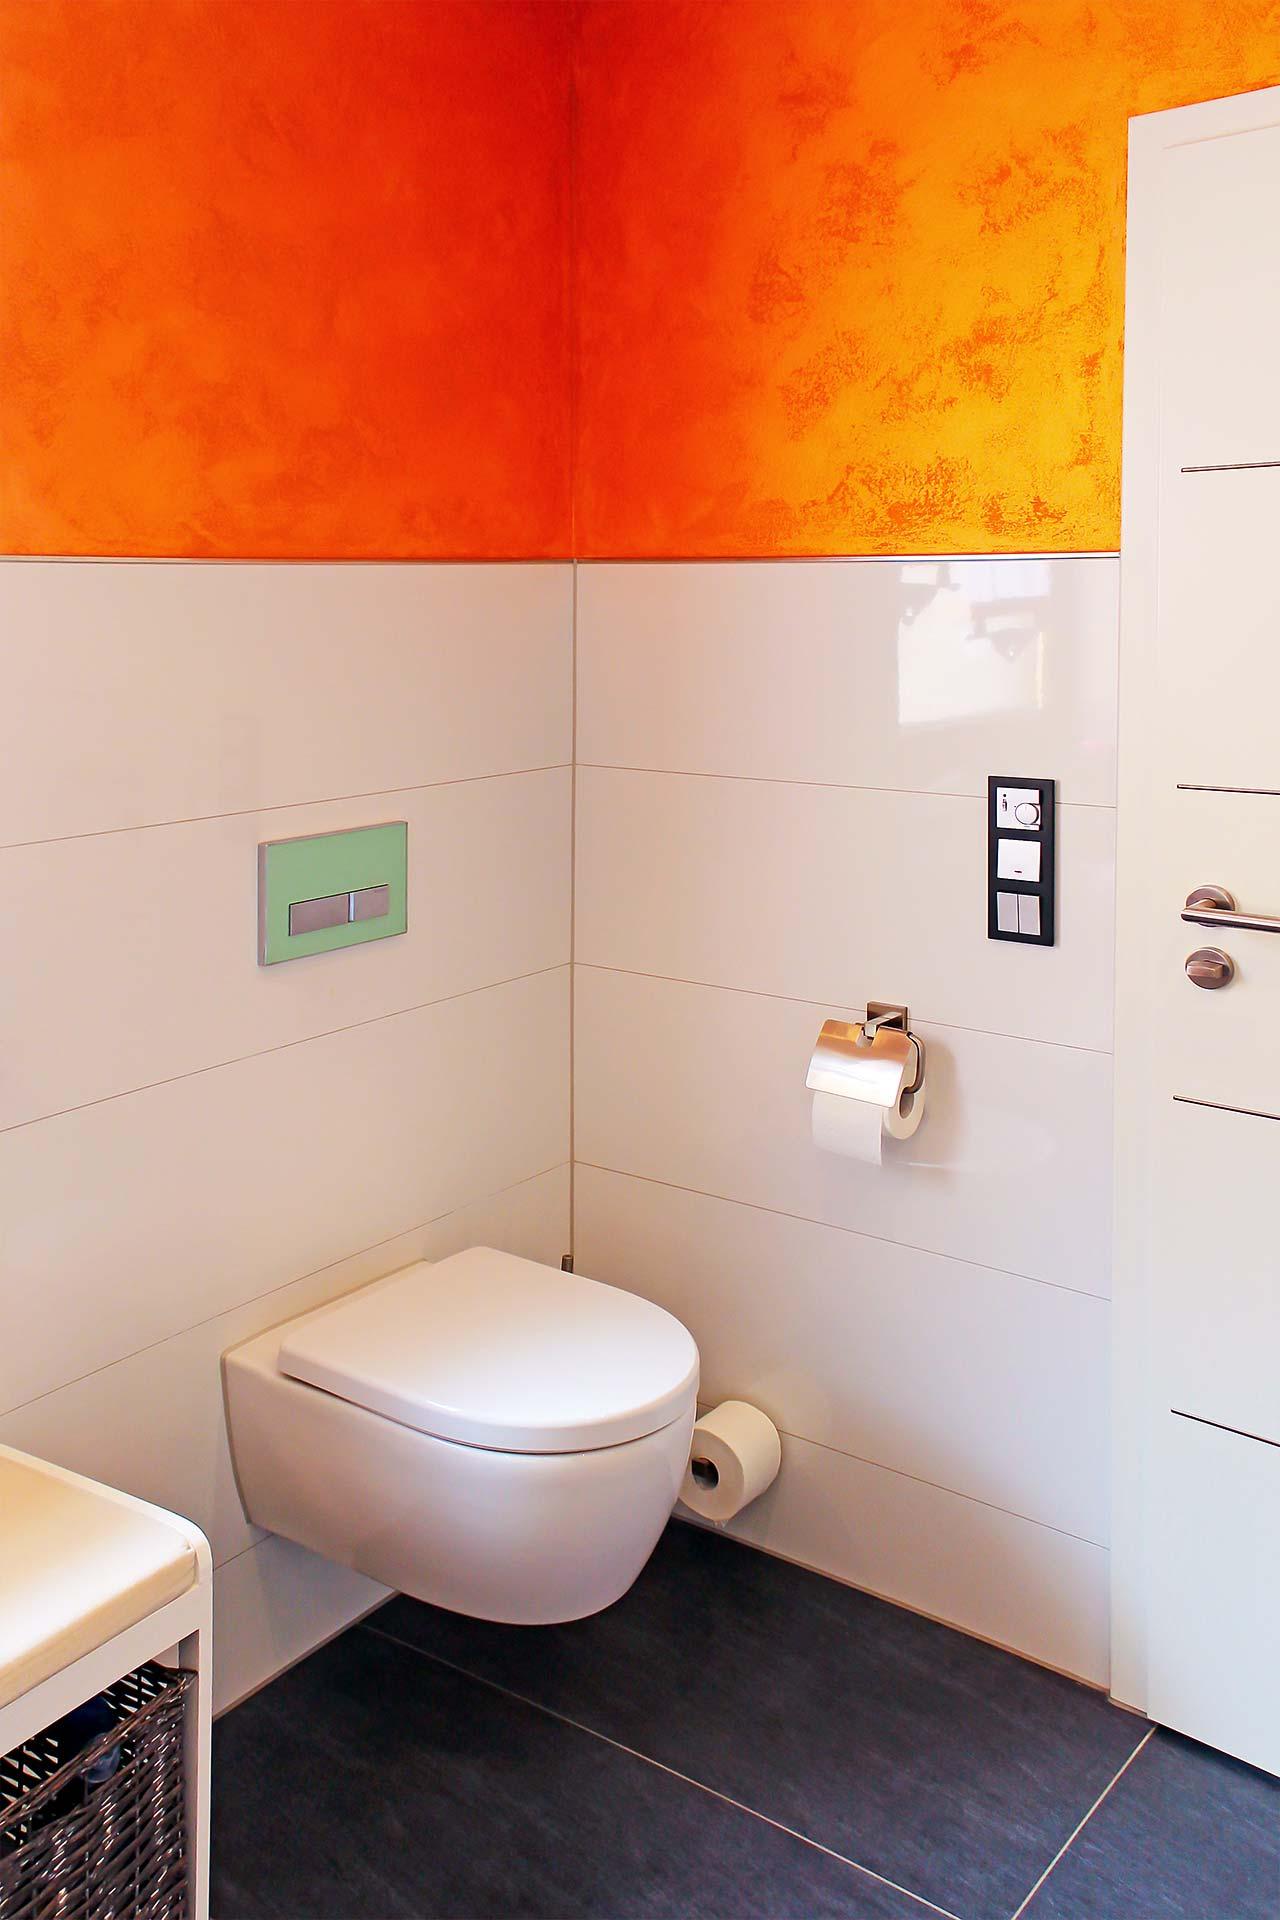 Wandarbeit mit Metallikbeschichtung sowie großformatigen Wand- und Bodenfliesen